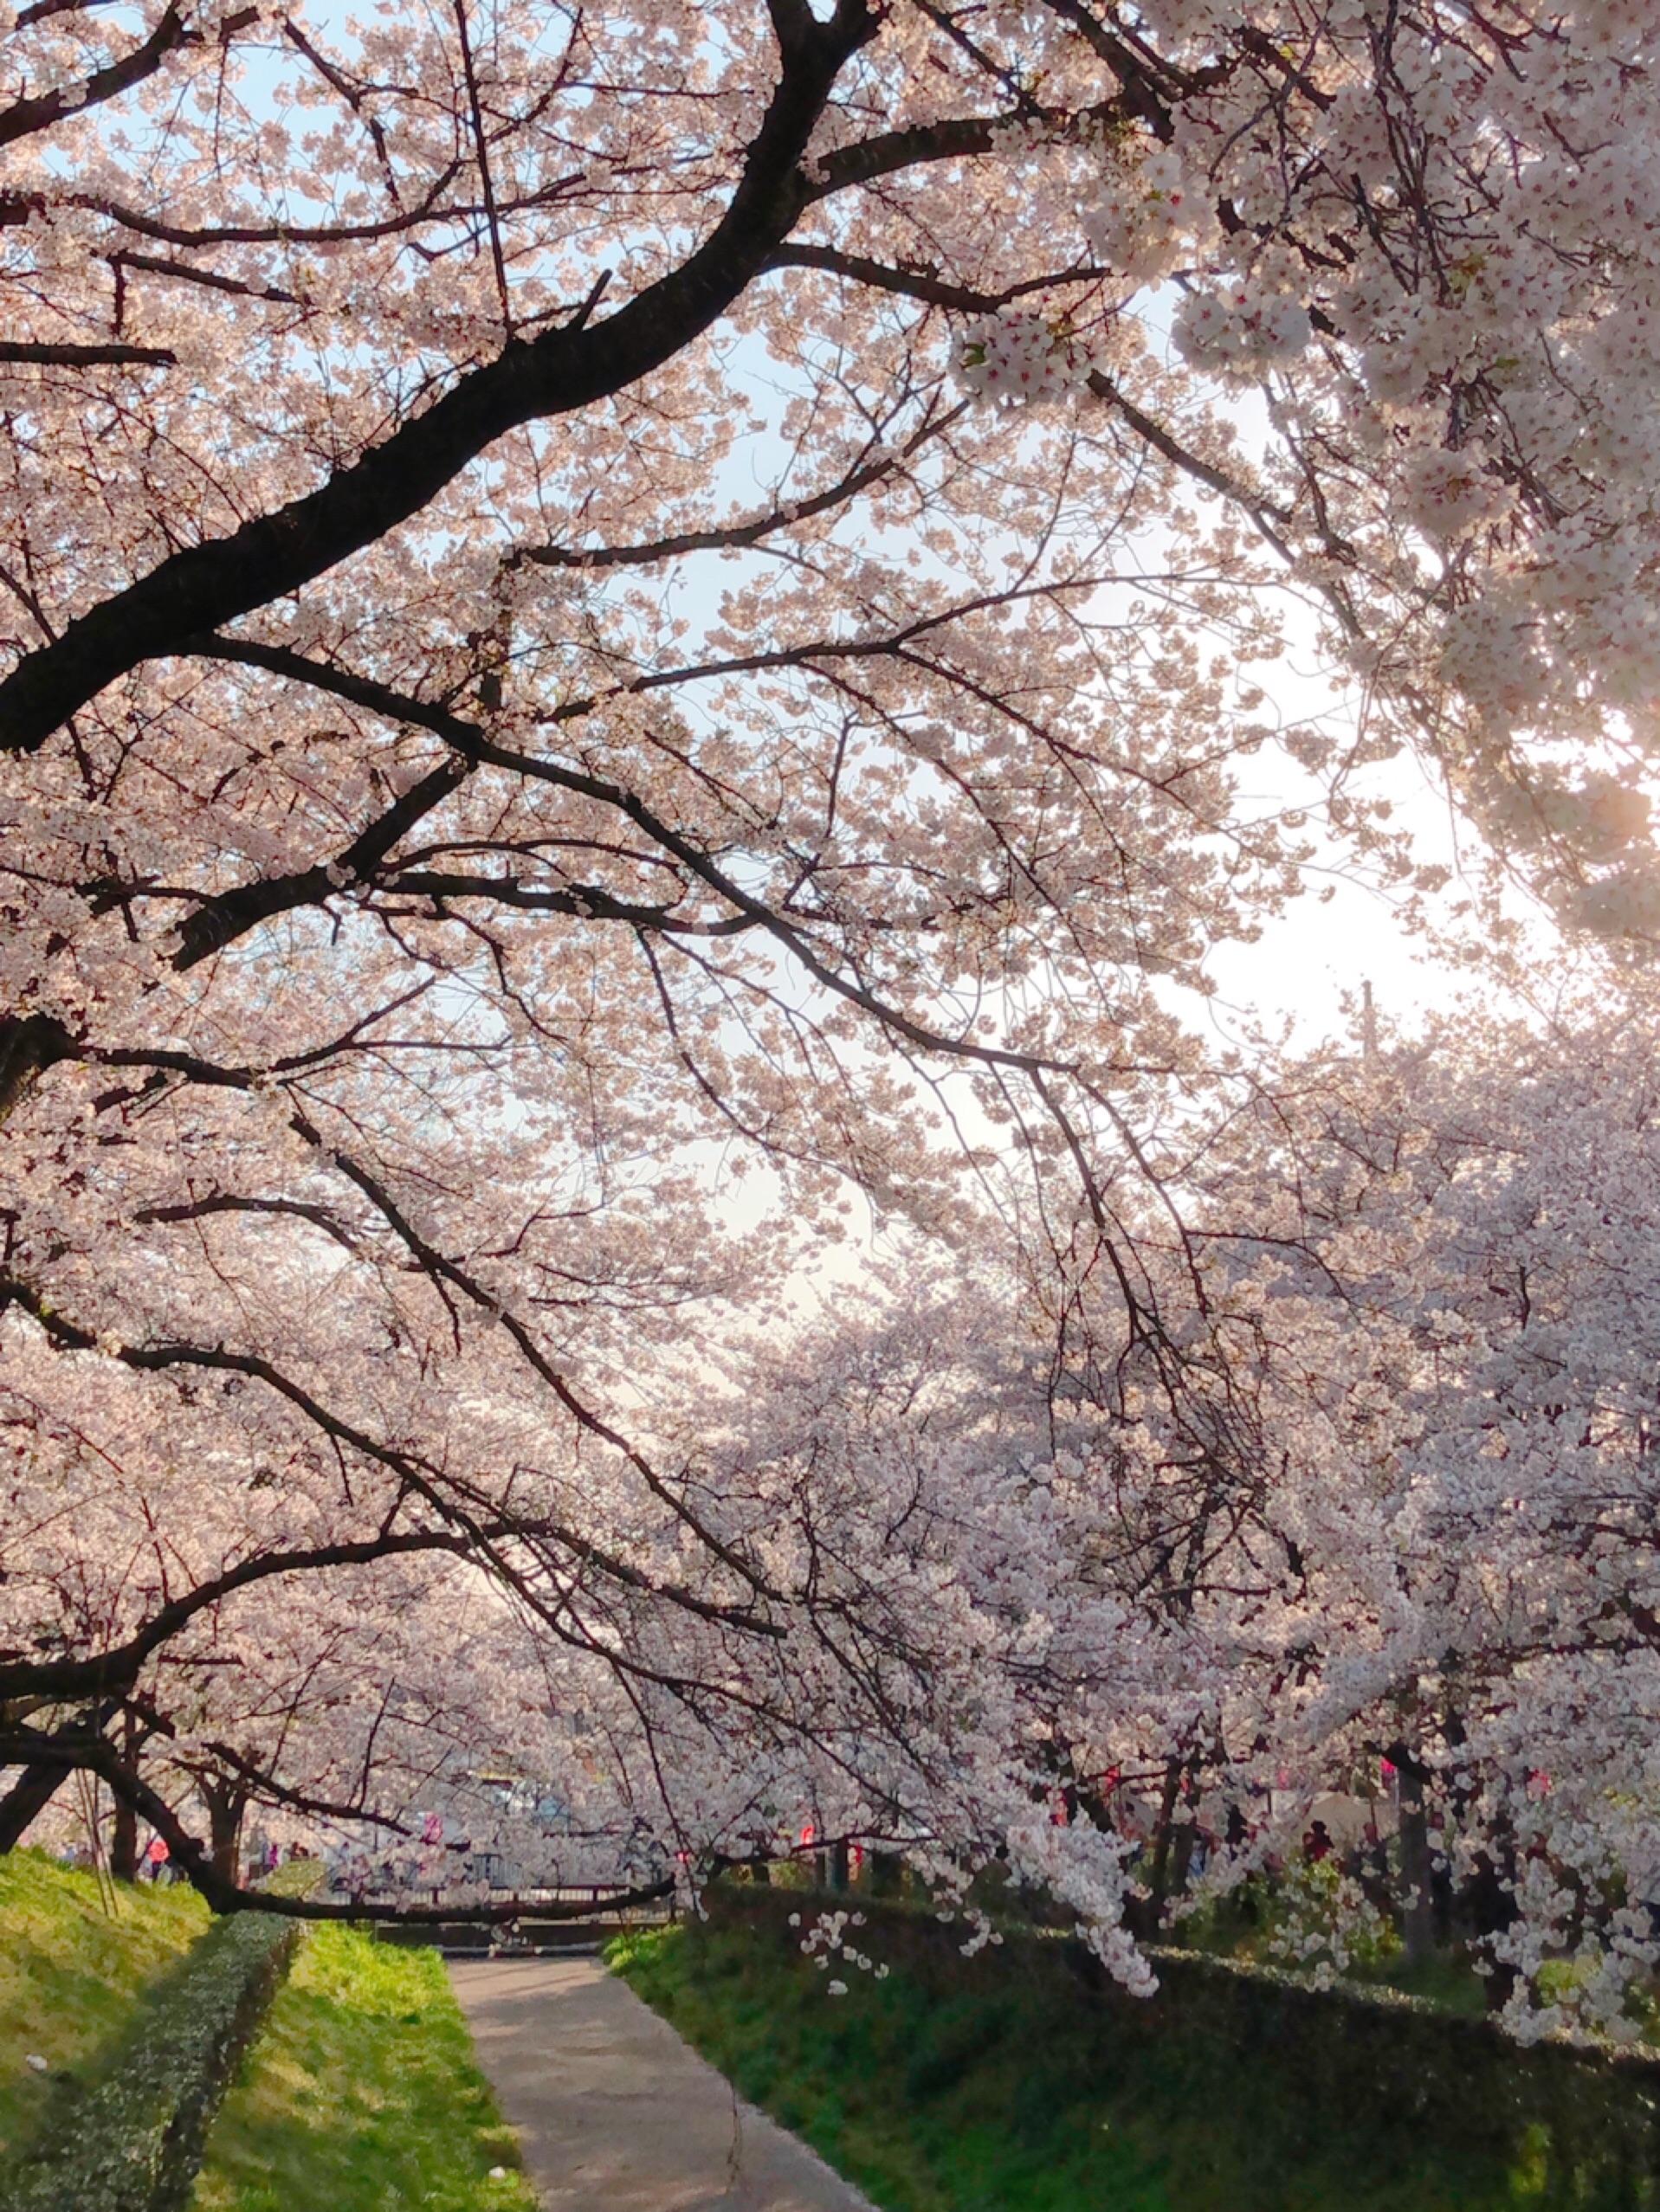 f:id:chiisanatenohira:20190408171638j:image